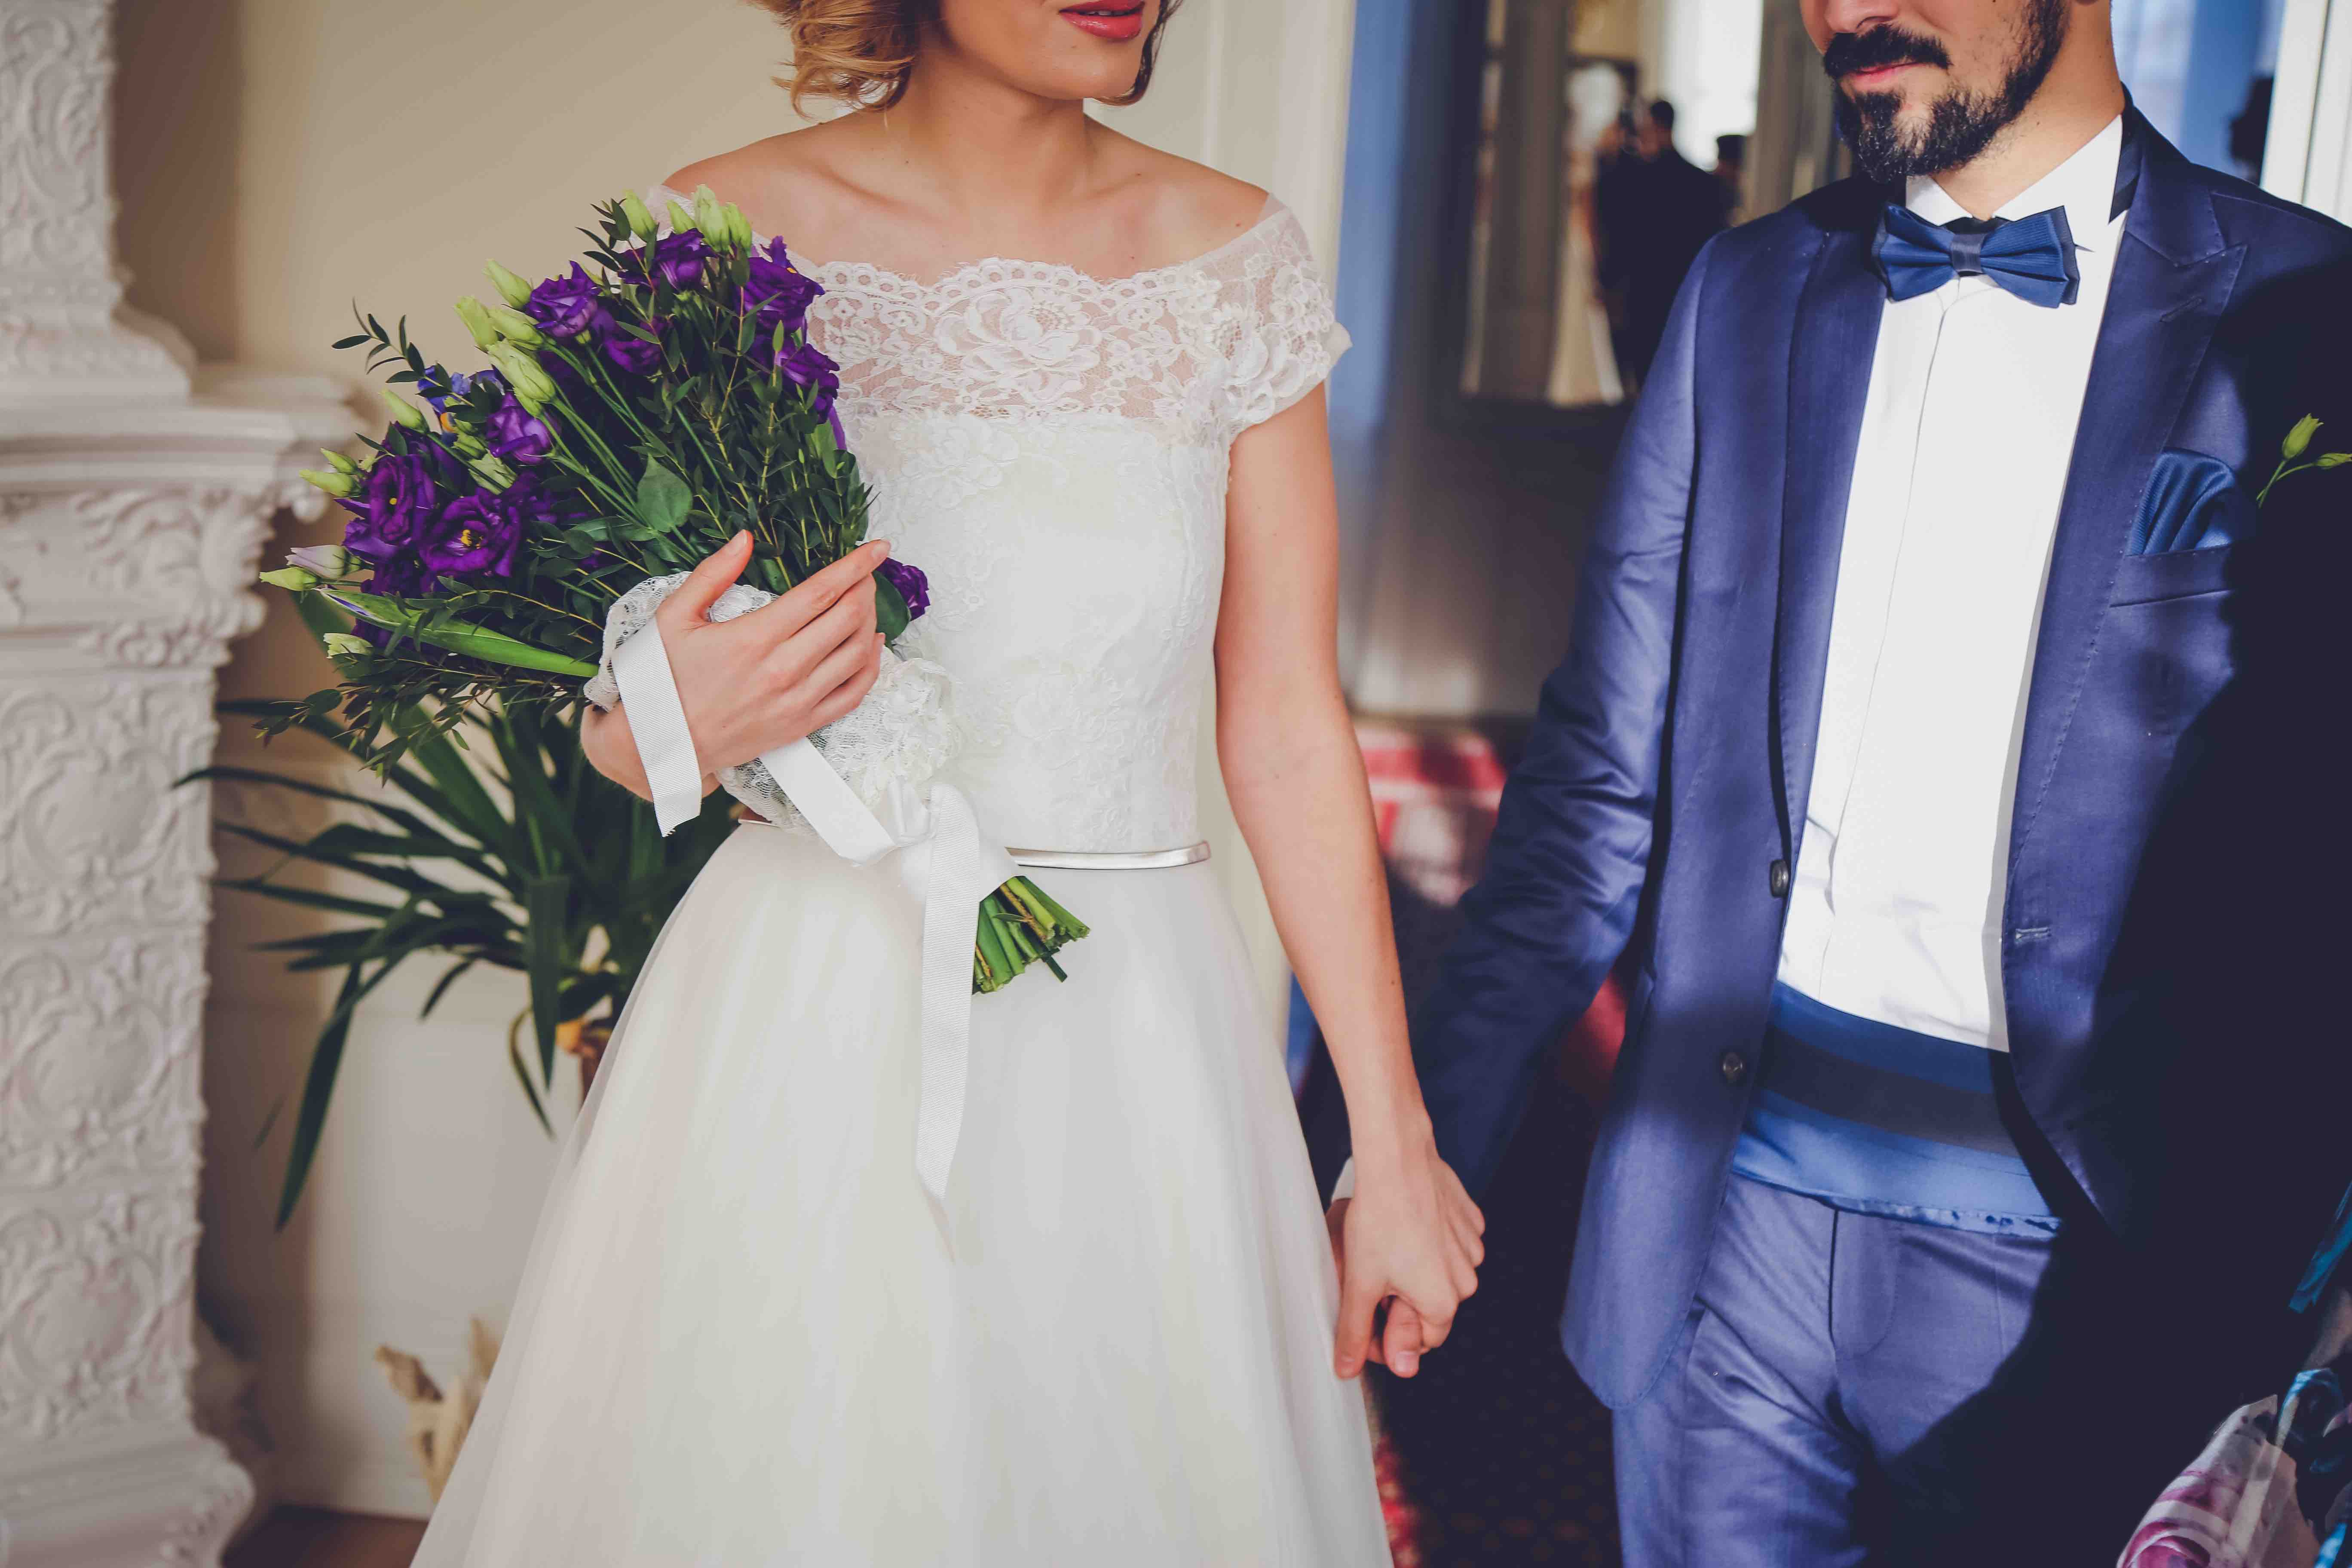 ハーフと結婚したい!名前の問題や国際結婚として扱われる場合がある?